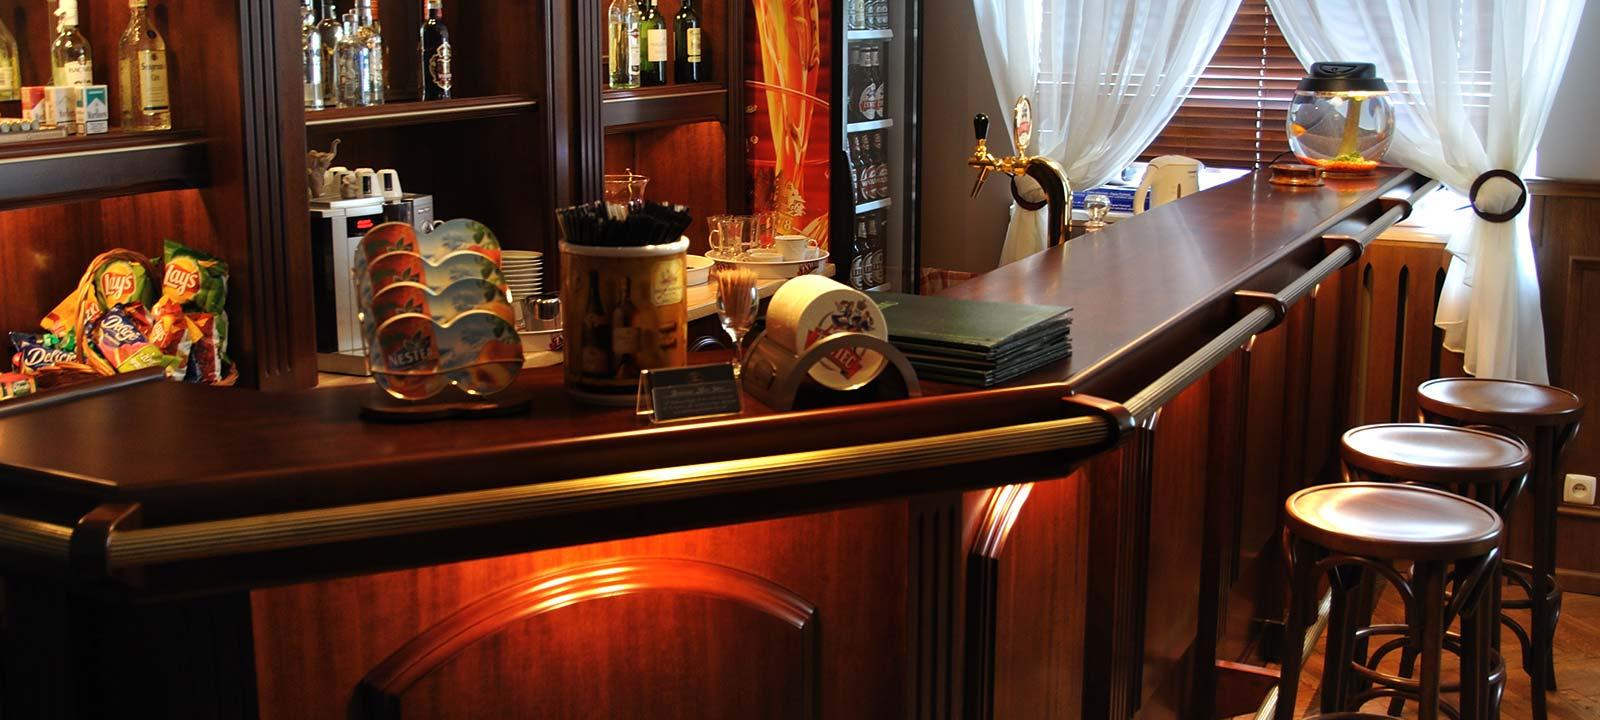 Restauracja i drink bar na spotkanie biznesowe i imprezę rodzinną